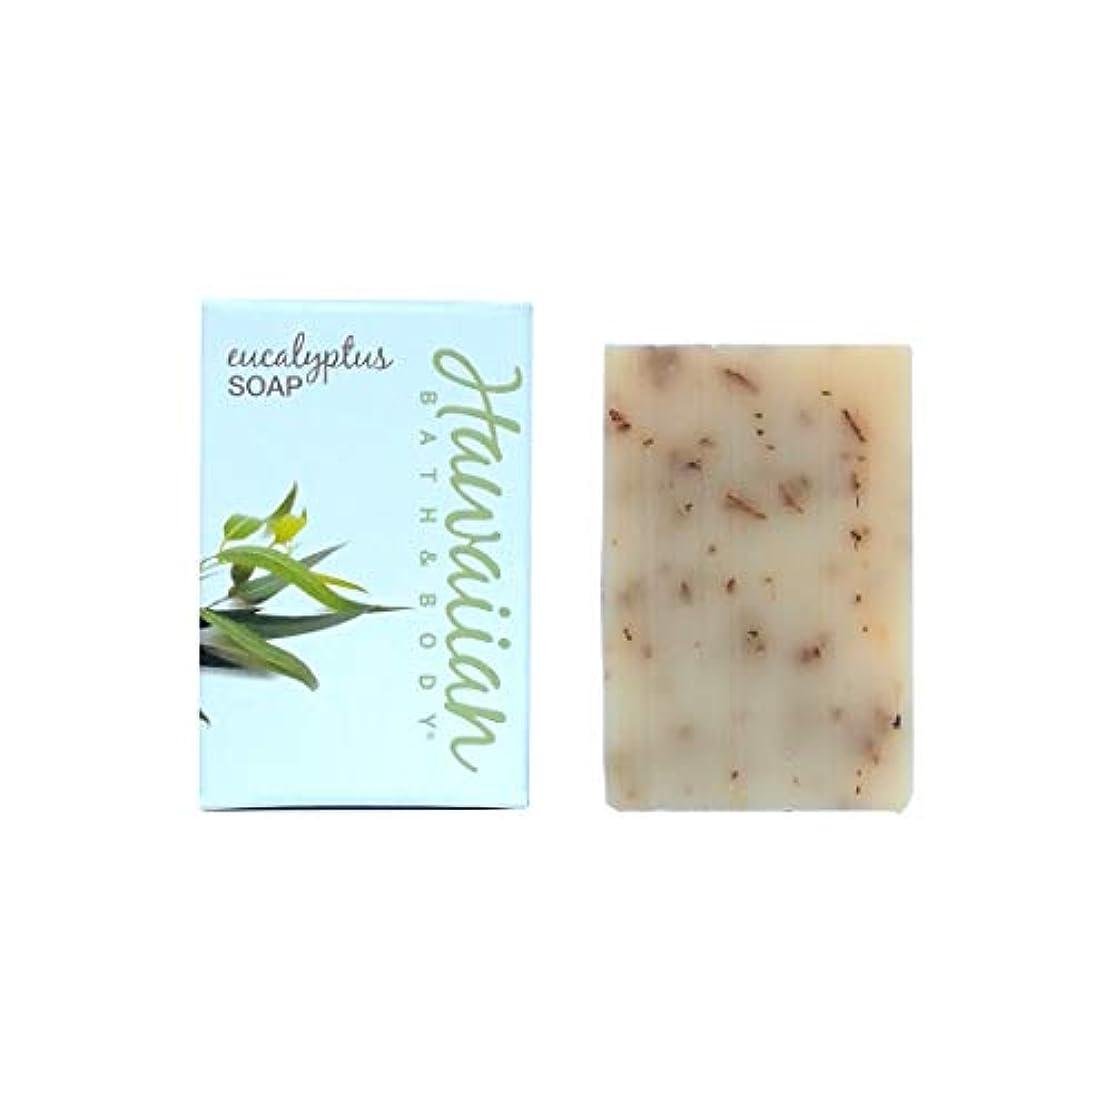 文庫本タバコ食品ハワイアンバス&ボディ ユーカリソープ (Eucalyptus Soap)